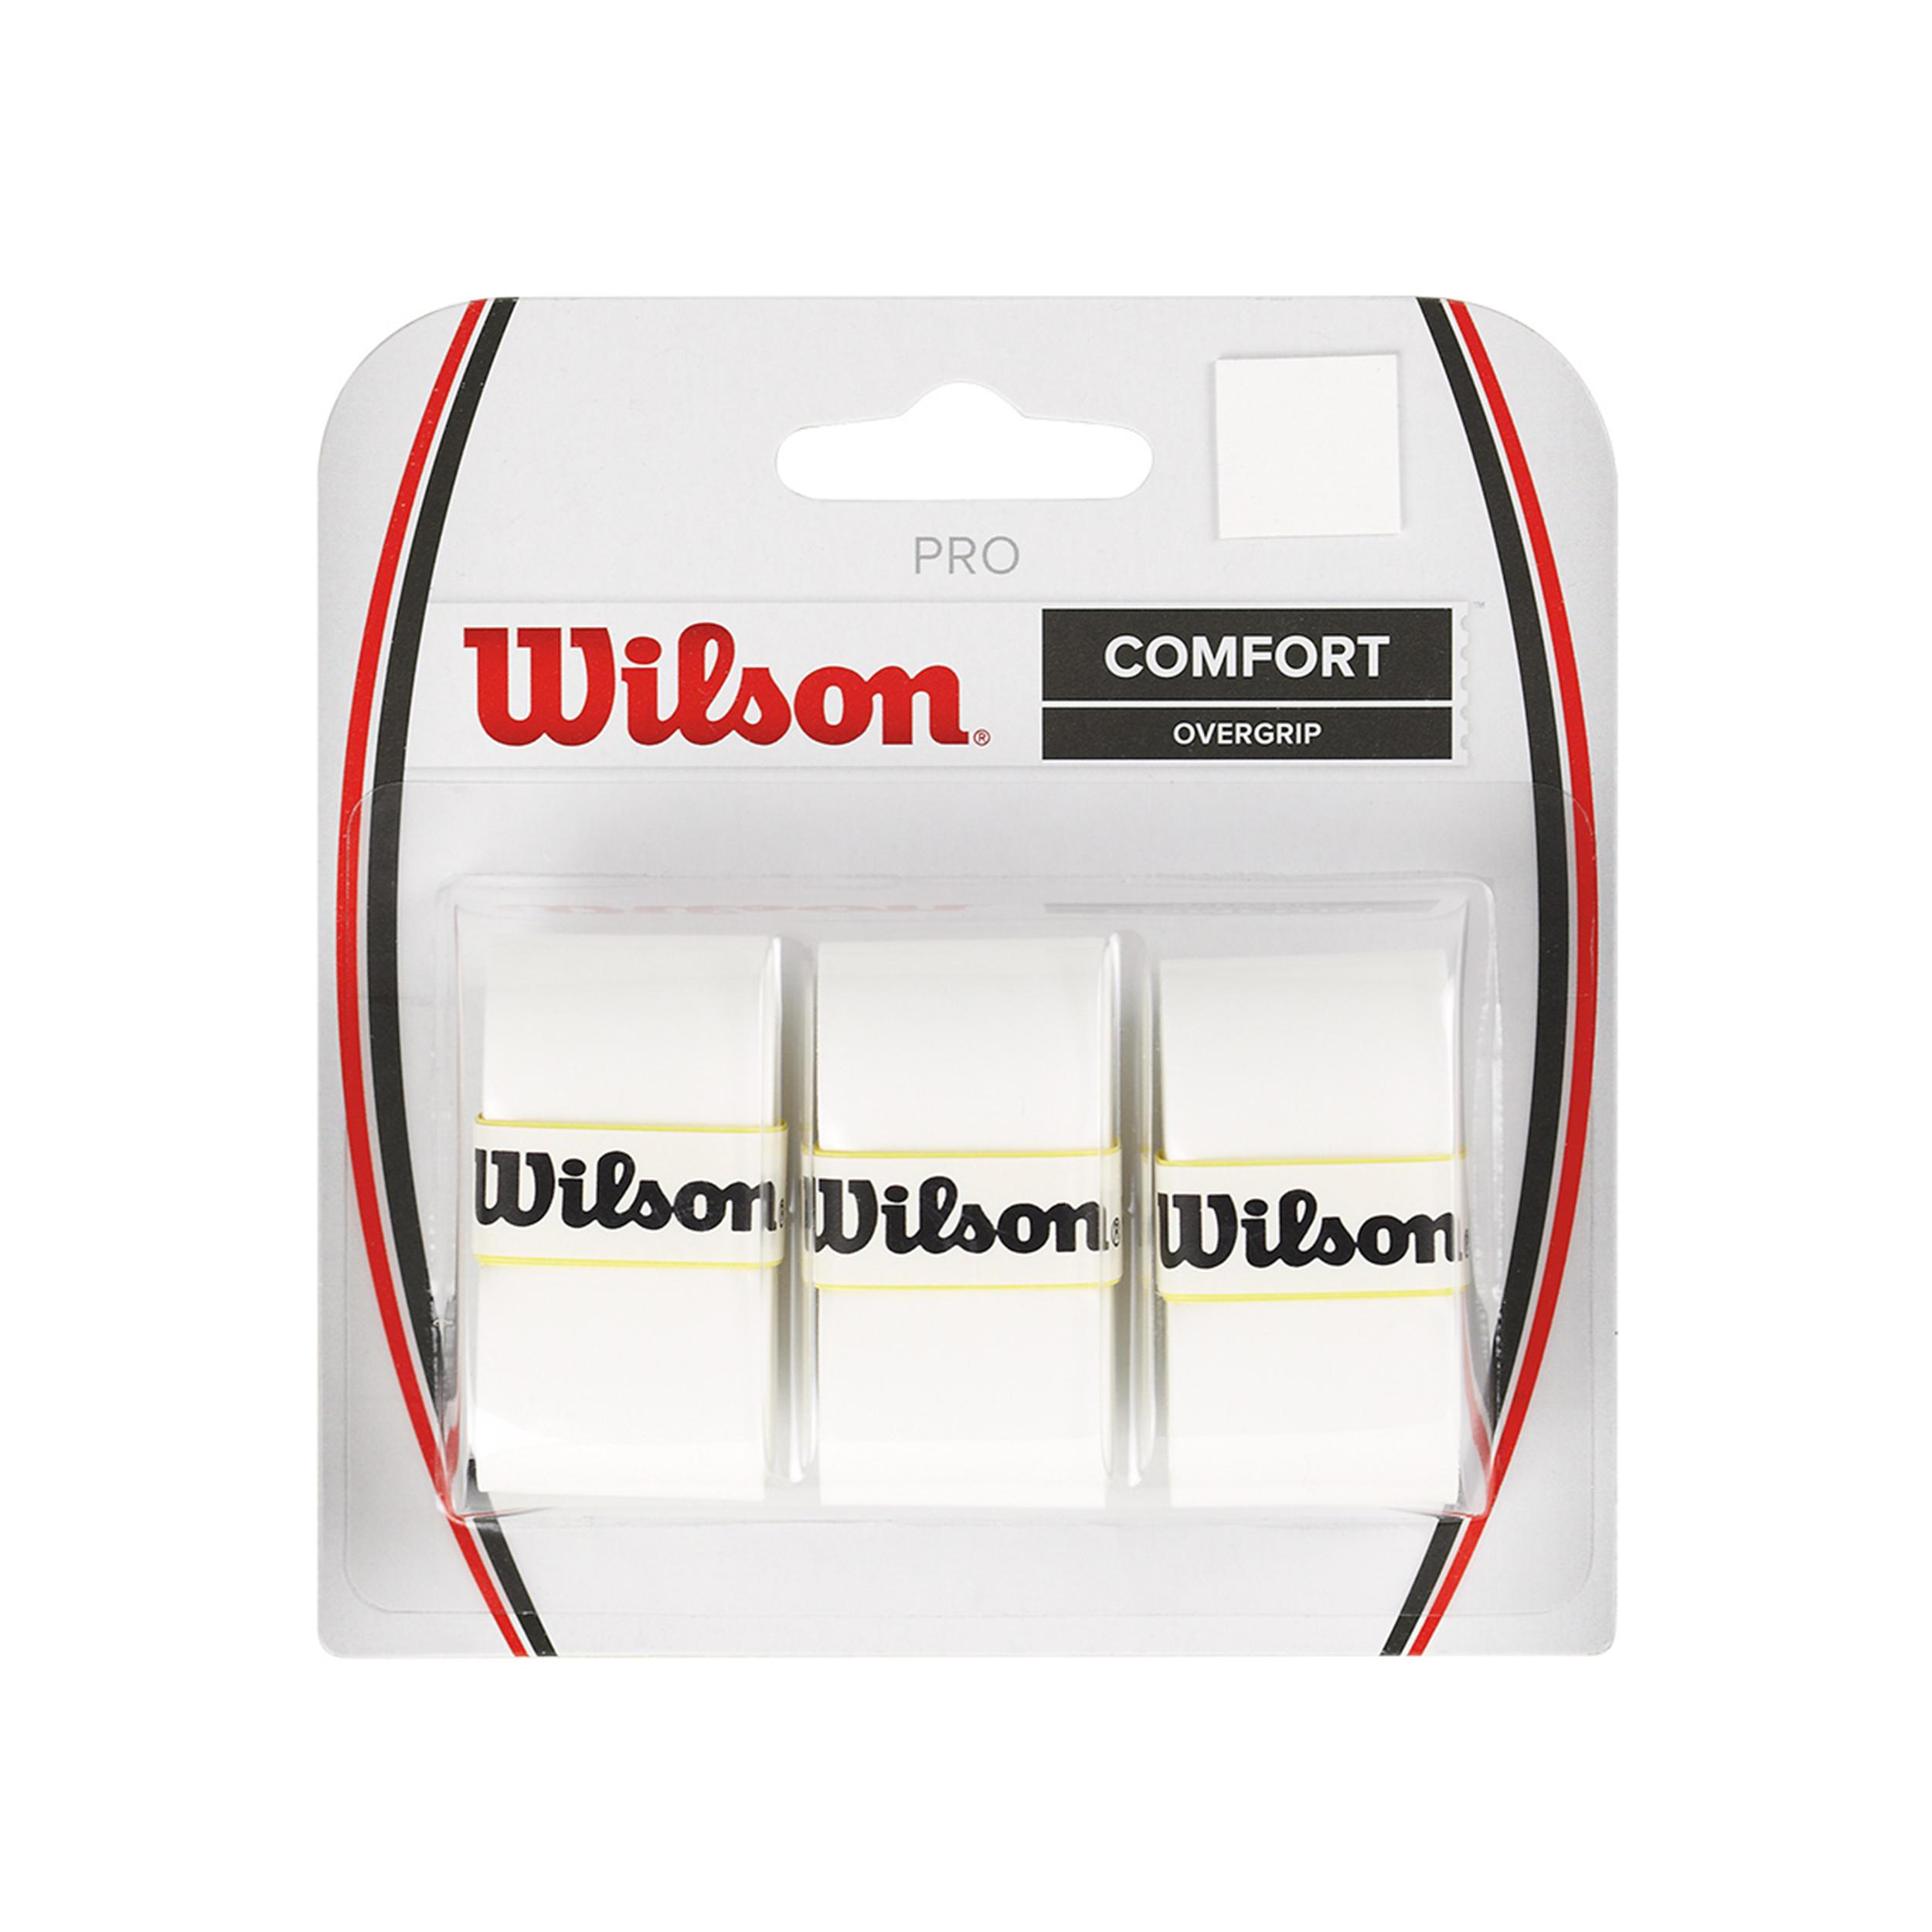 Wilson Overgrip tennis Pro wit kopen